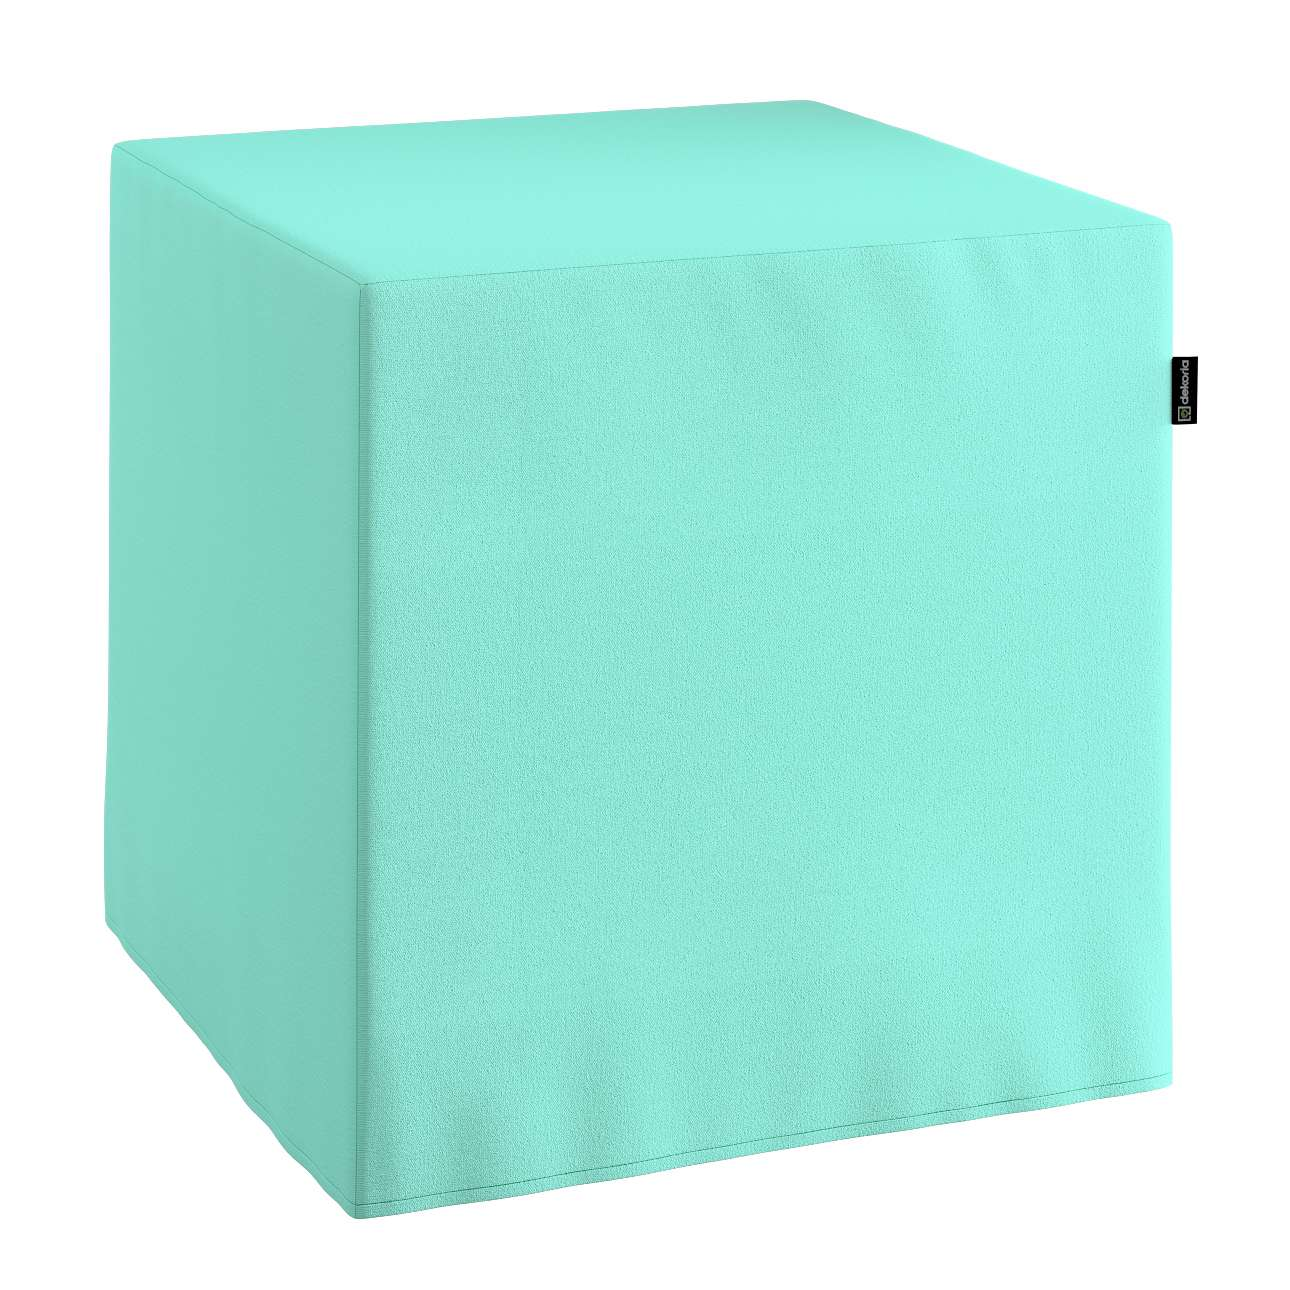 Pokrowiec na pufę kostke w kolekcji Loneta, tkanina: 133-32